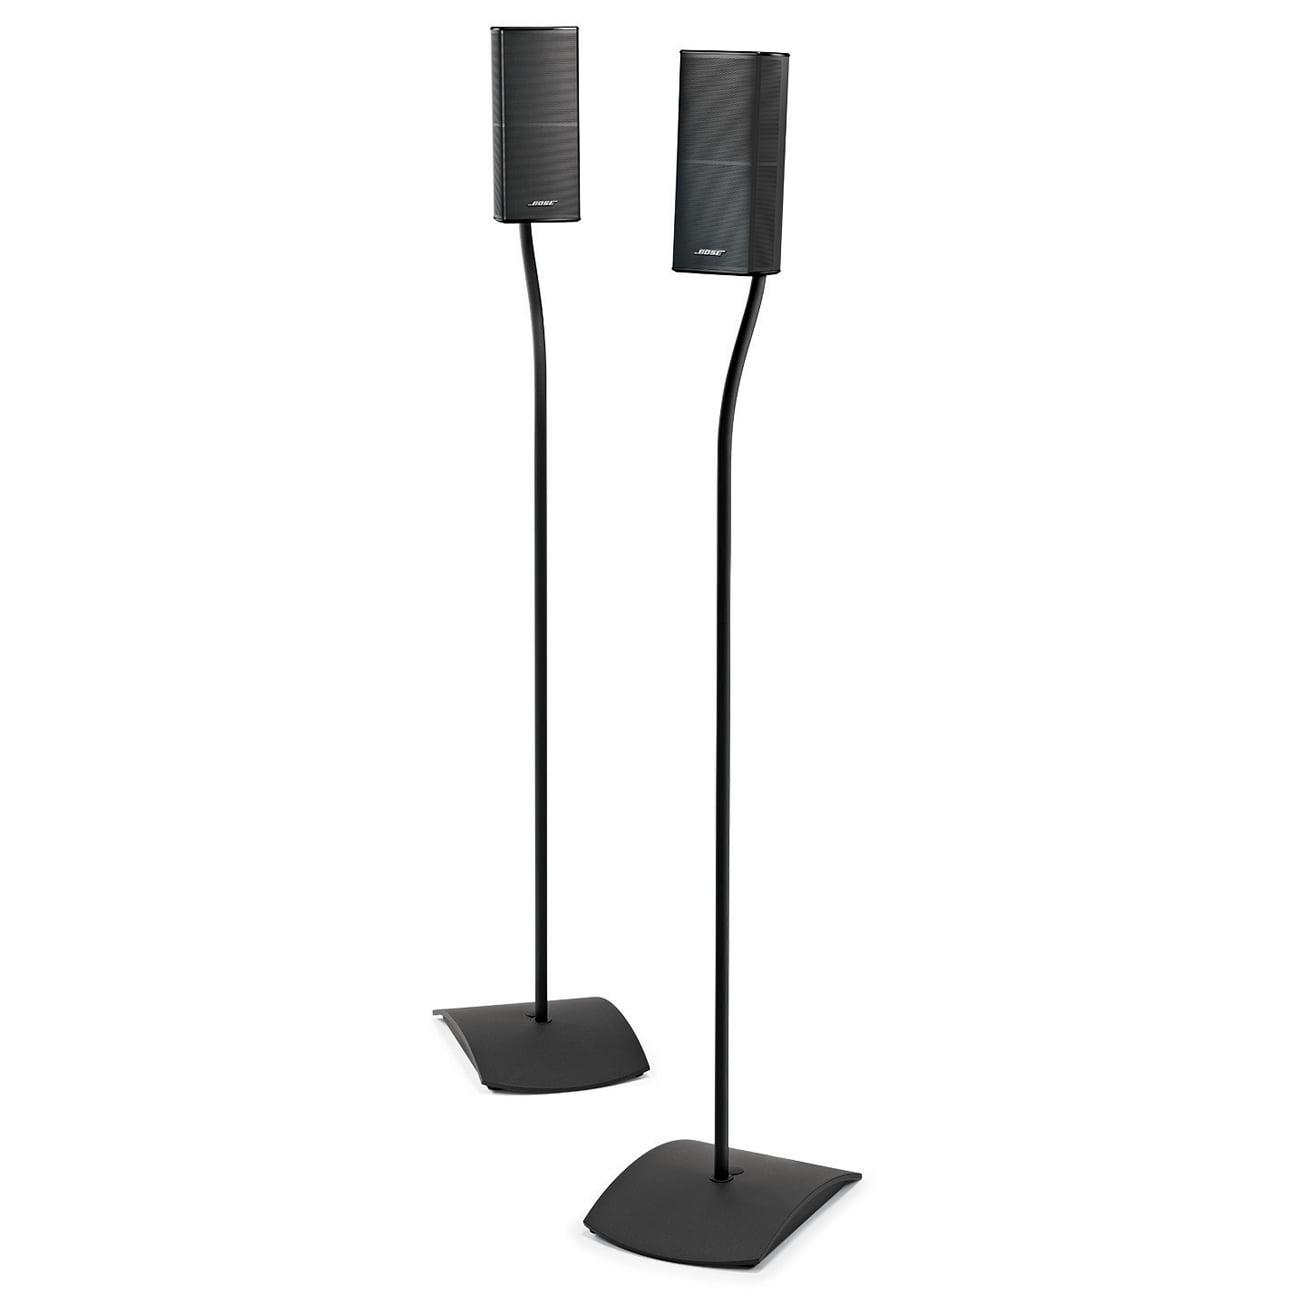 Bose UFS-20 Series II Universal  Floor Stands Pair - Black